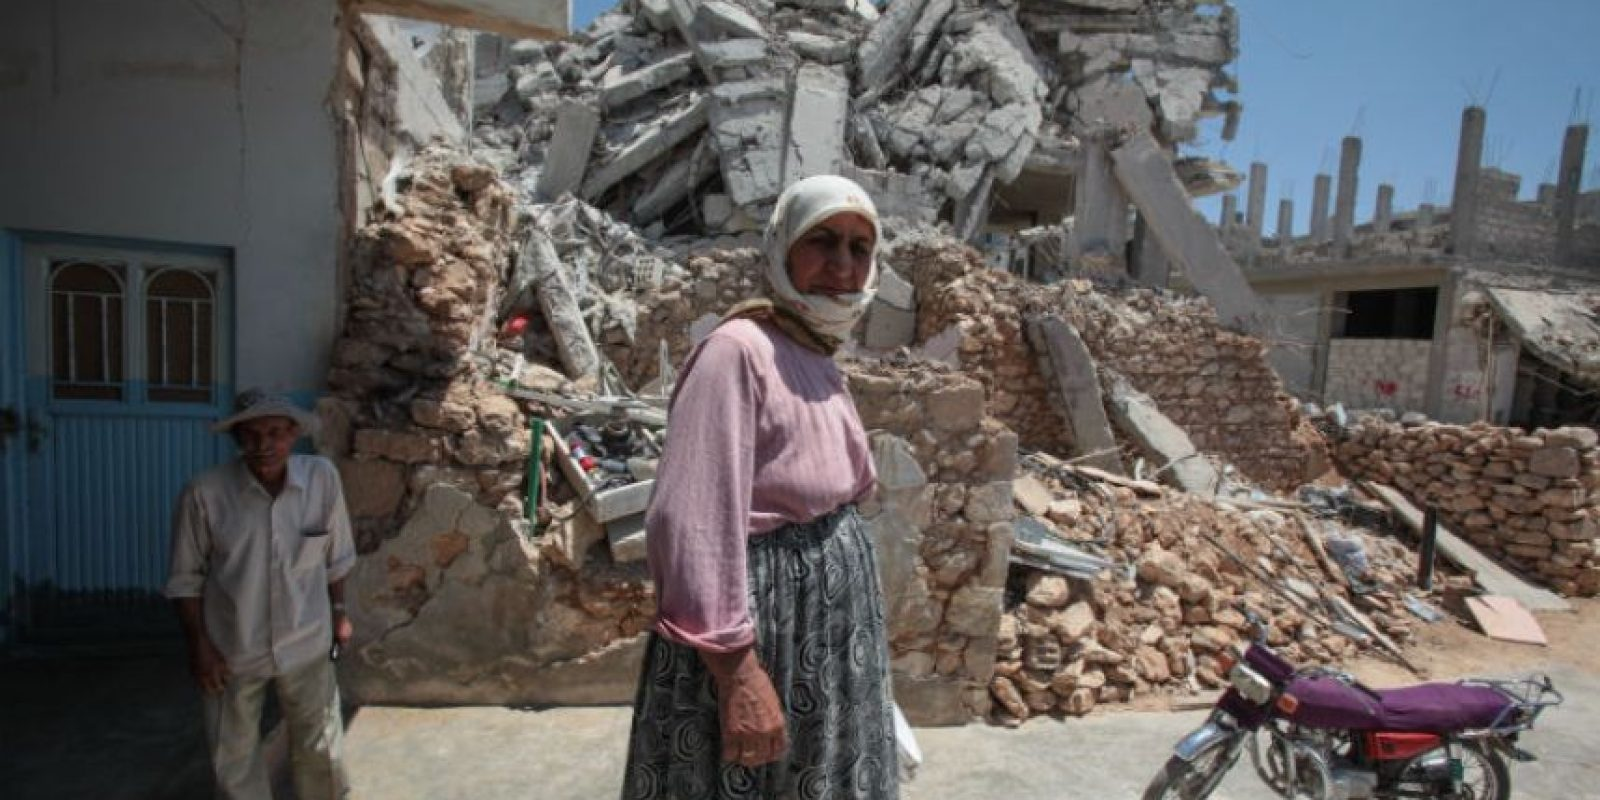 El régimen ha dicho que el bombardeo fue en respuesta a los morteros que explotaron en el centro de Damasco la semana pasada. Foto:Getty Images